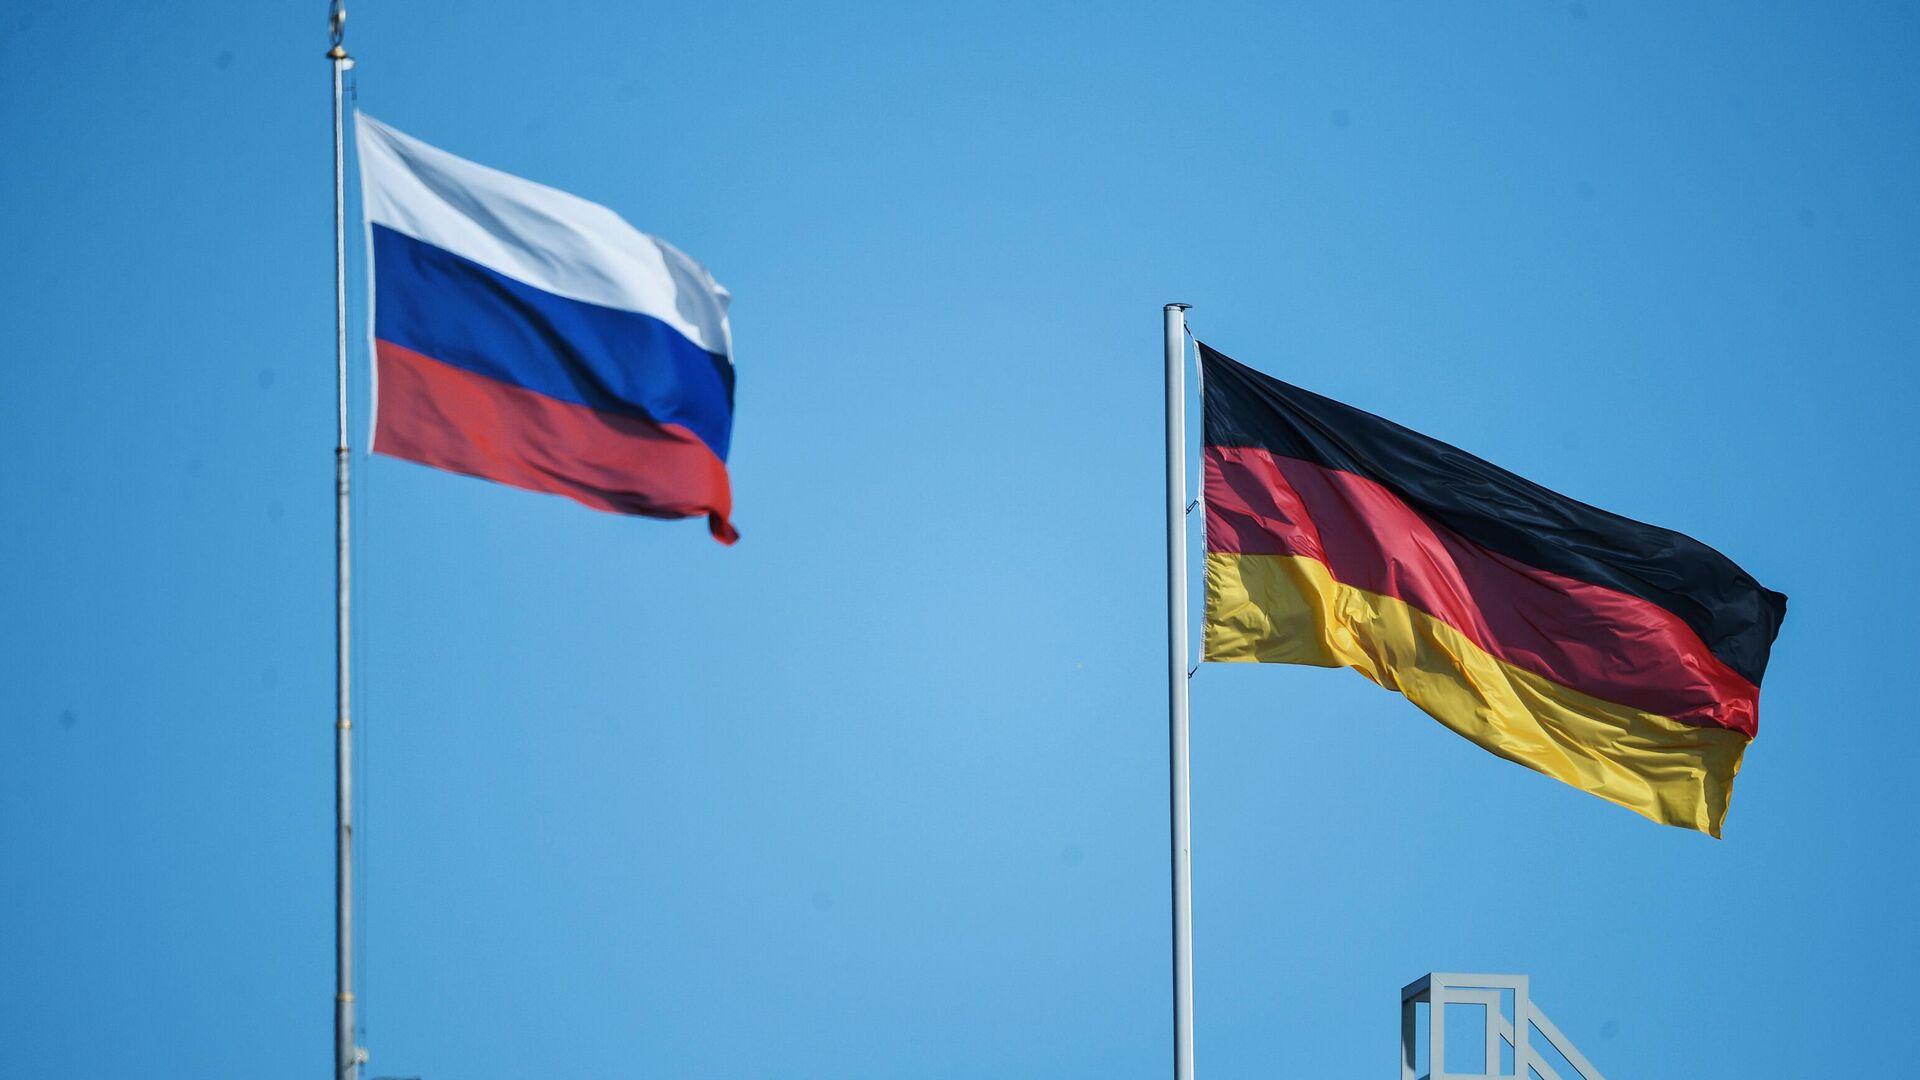 Флаг России и Германии в Берлине - РИА Новости, 1920, 10.12.2020